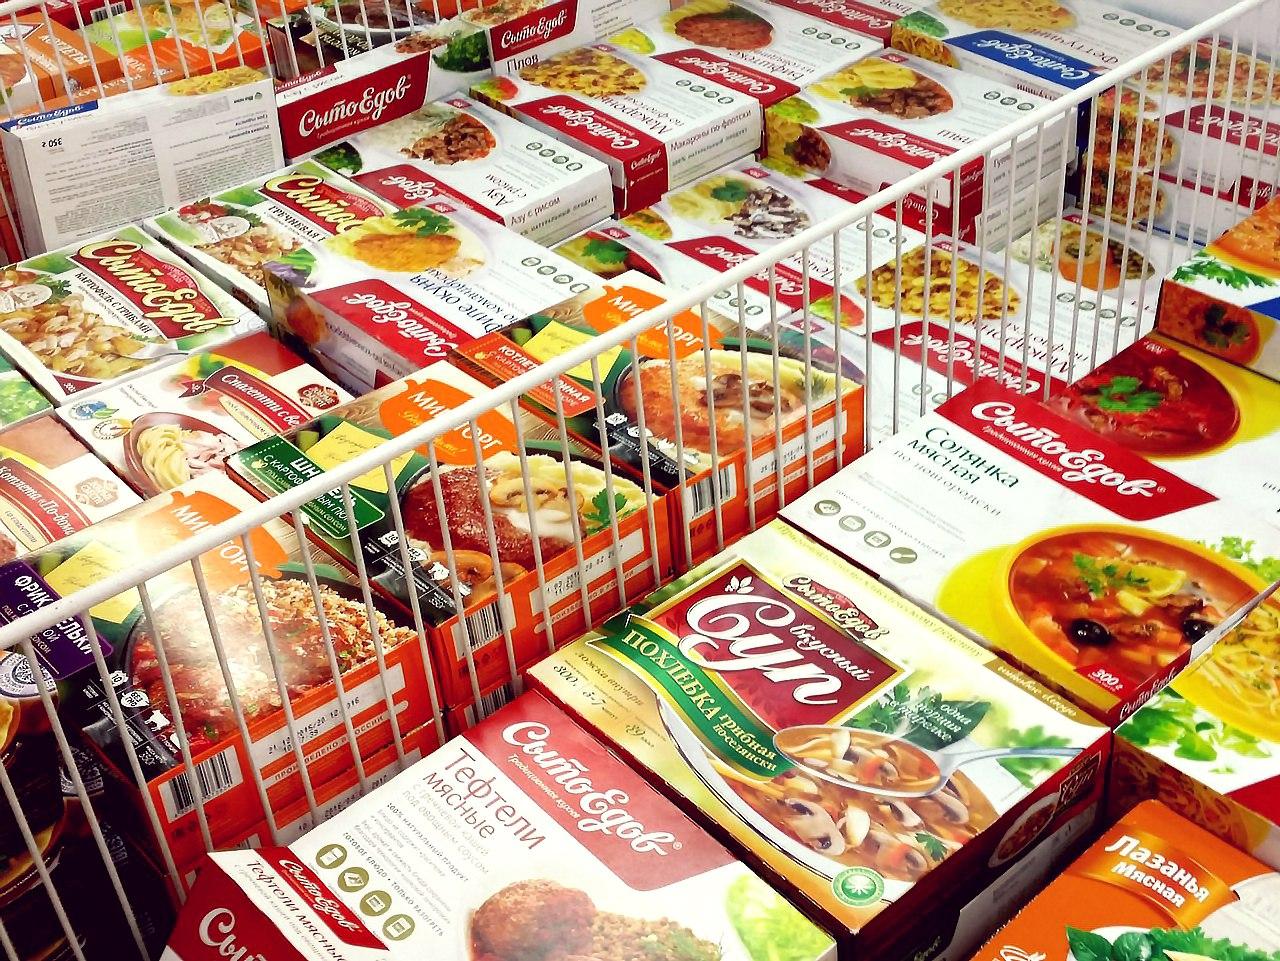 еда в упаковке